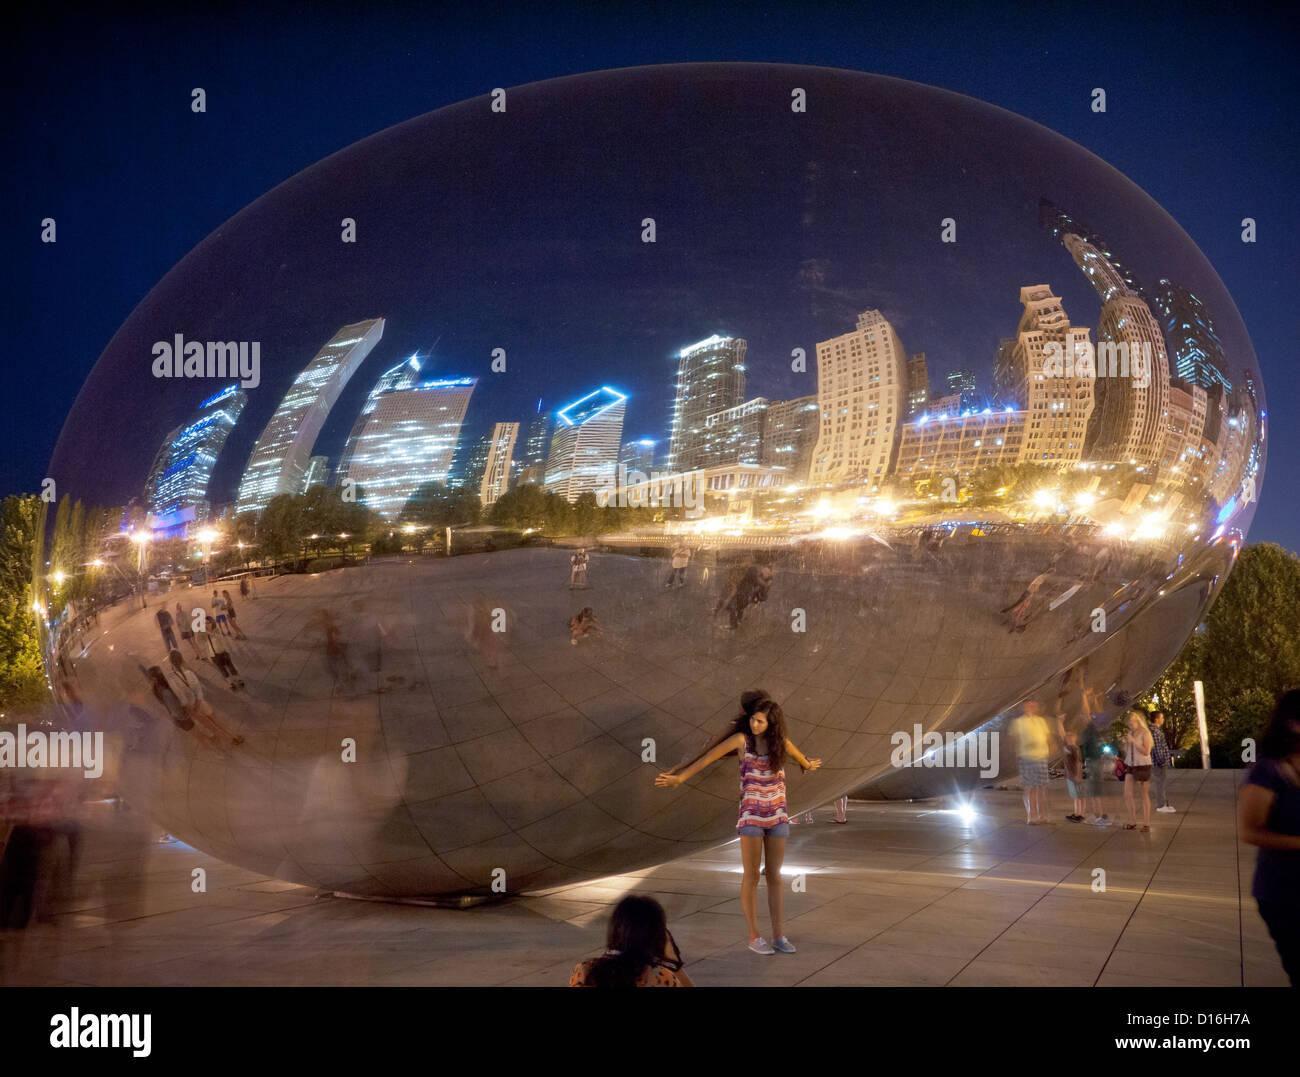 Portando il mondo sulla schiena. Un grazioso modello a Cloud Gate (Il Bean) di notte in Millennium Park di Chicago, Immagini Stock